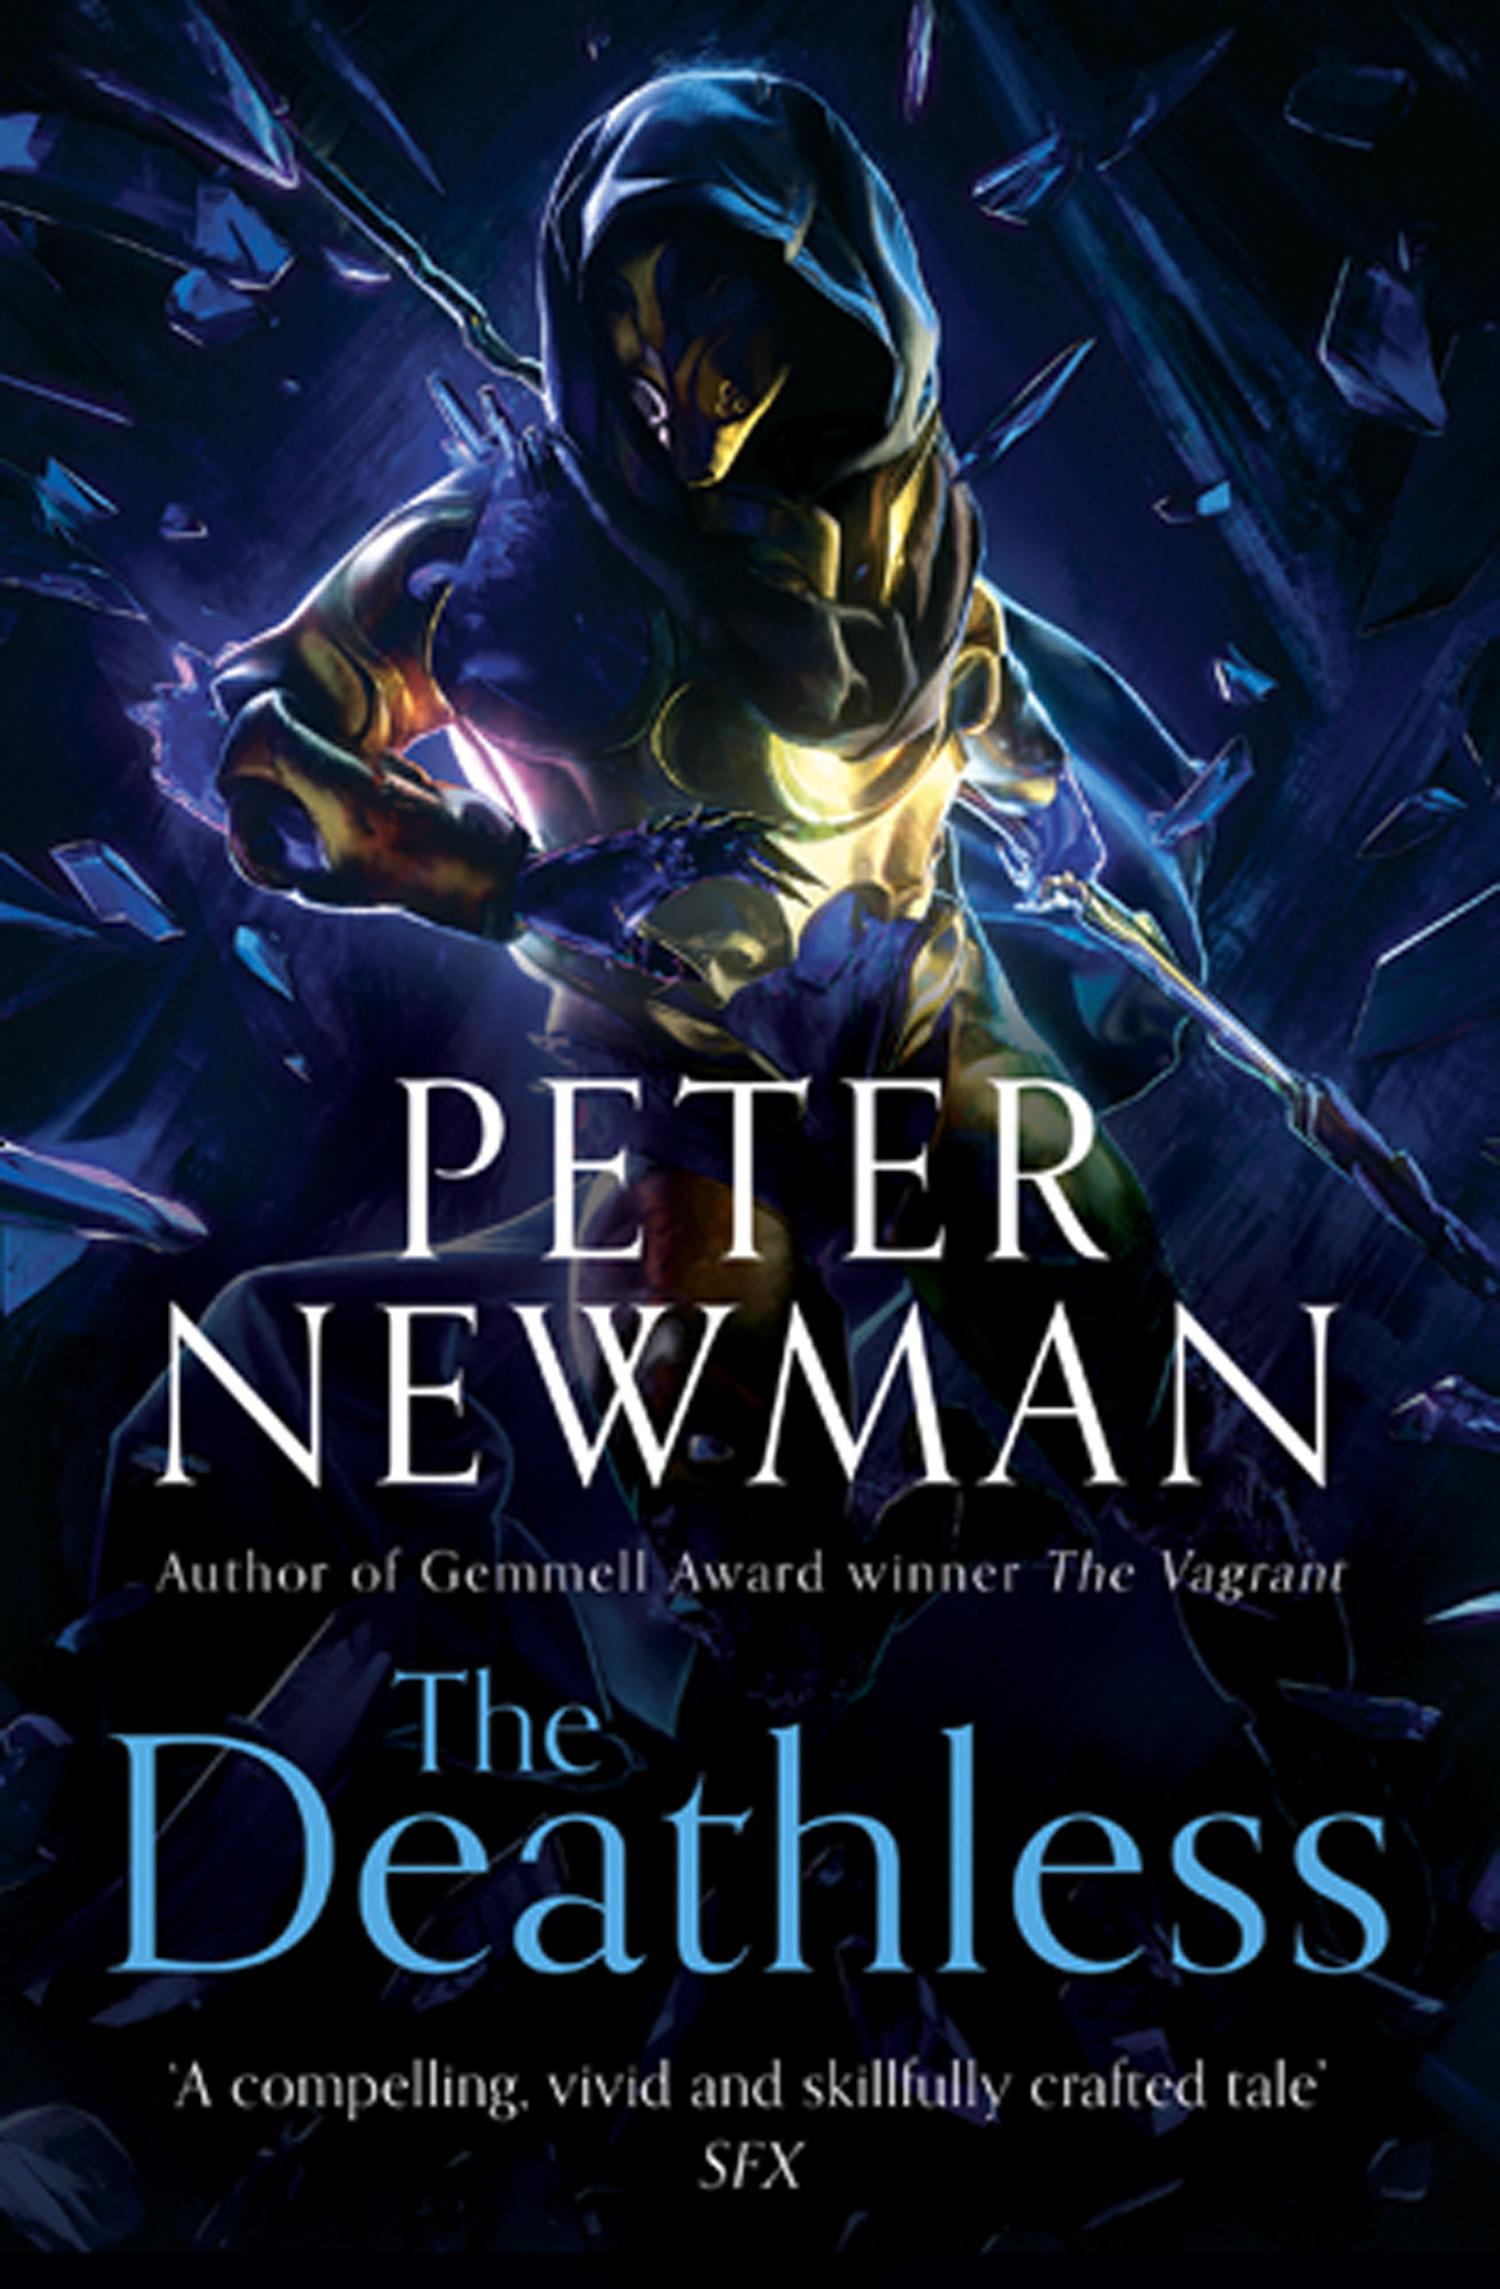 NewmanP-1-DeathlessUKPB